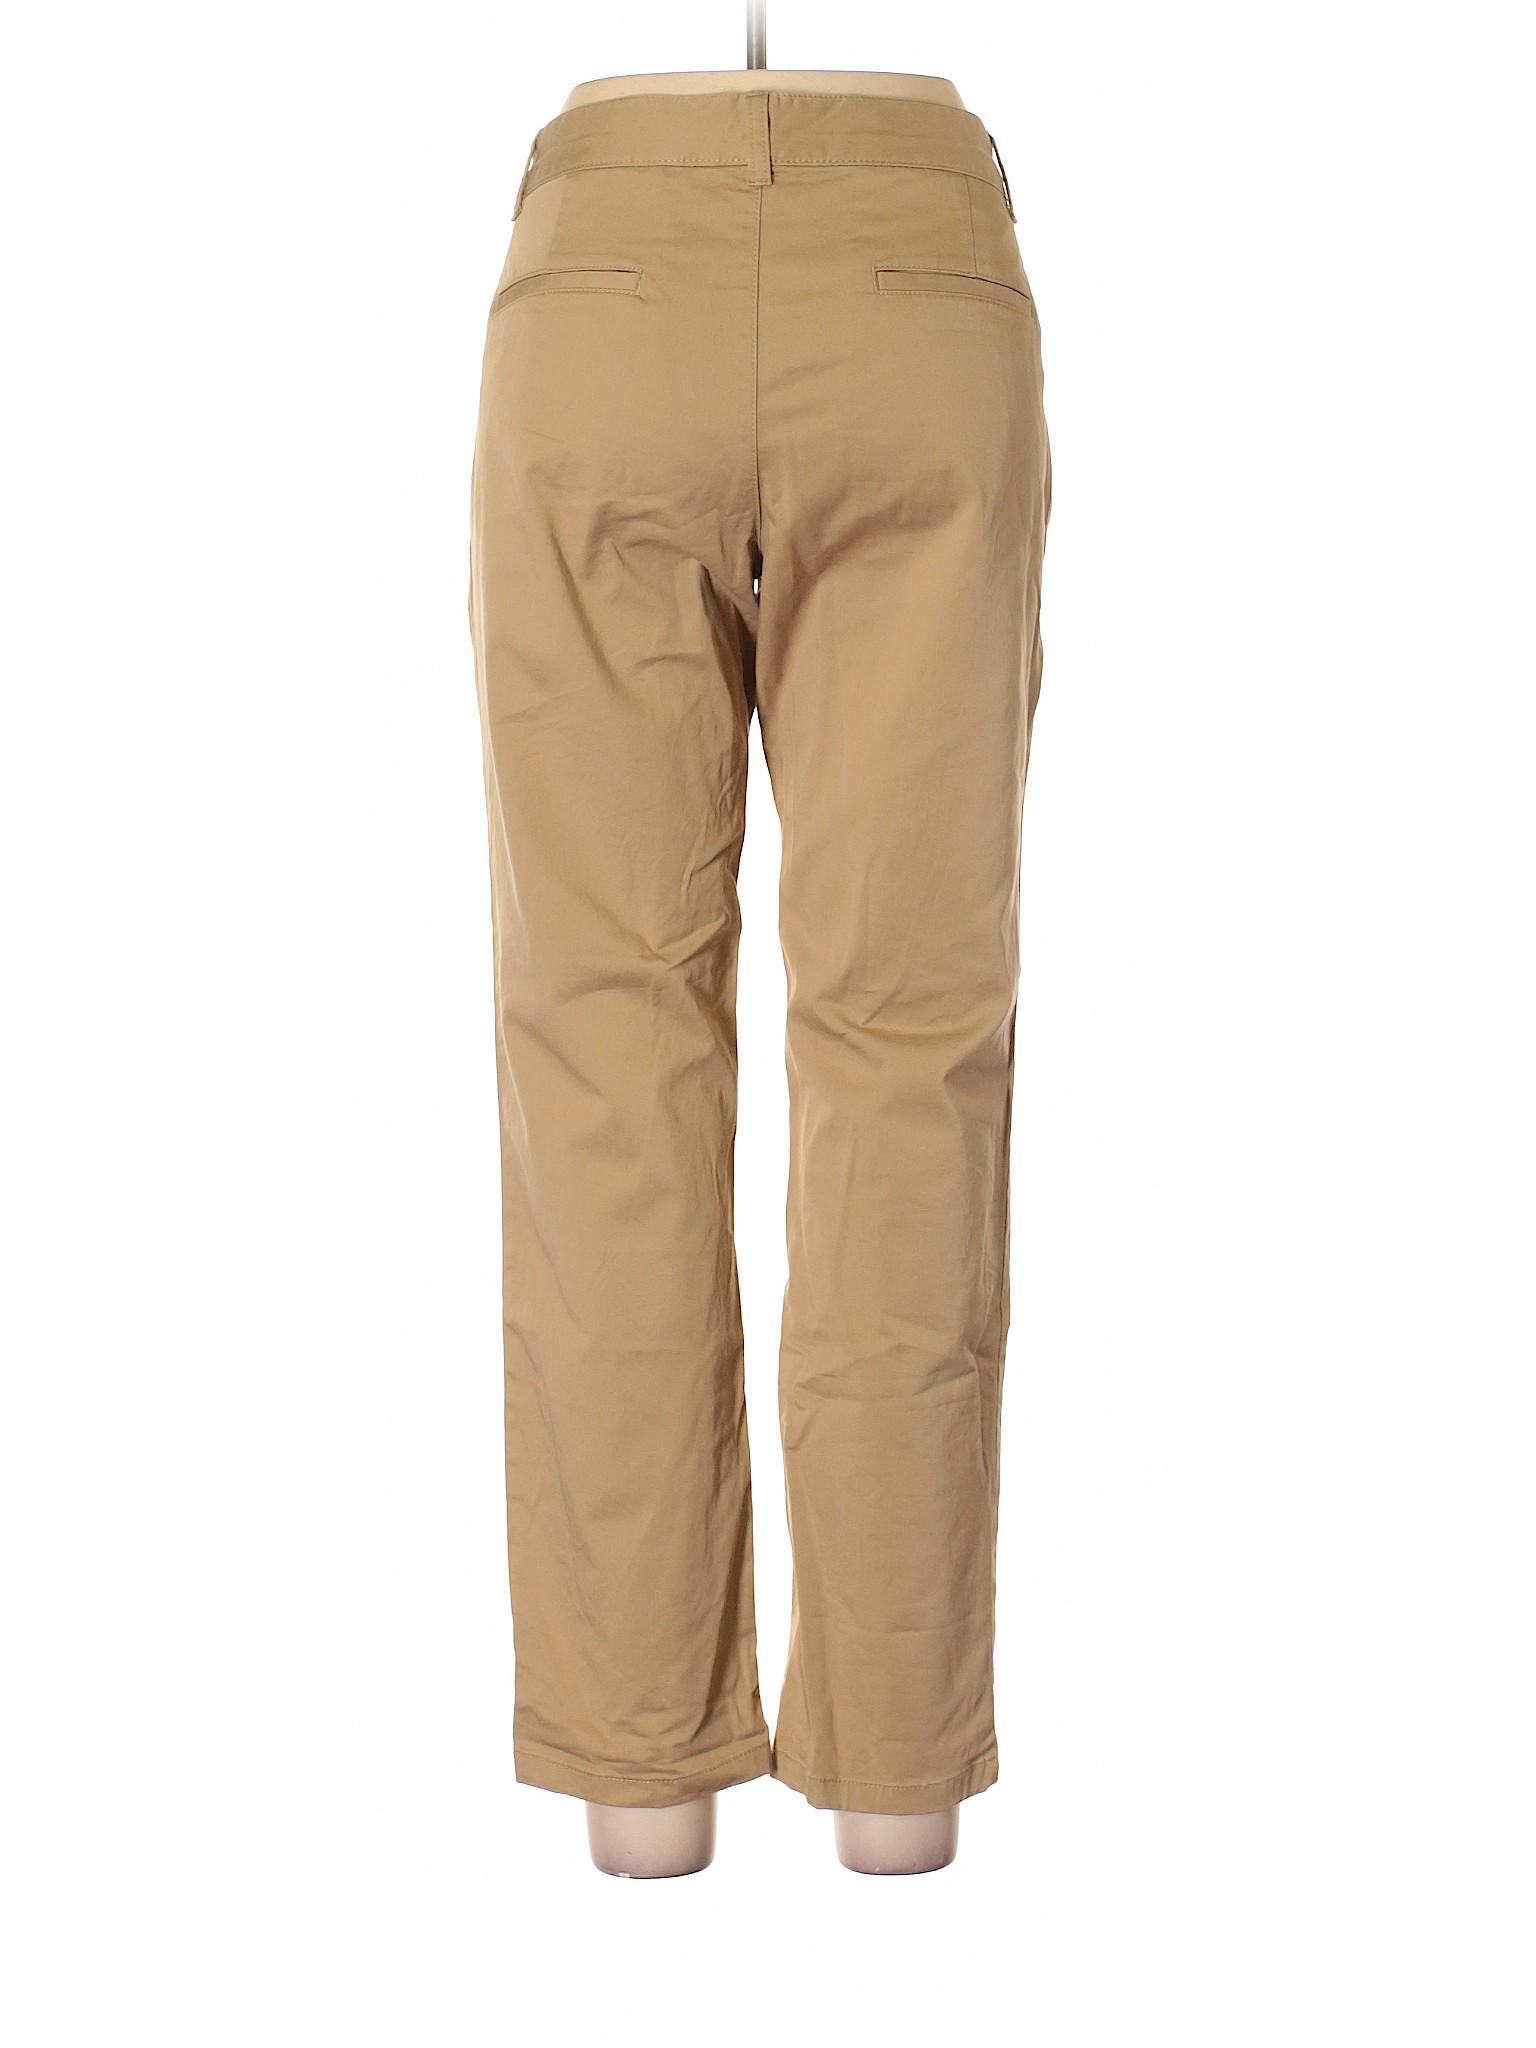 Pants Boutique leisure leisure Gap Gap Casual Pants Boutique Casual PRnUx